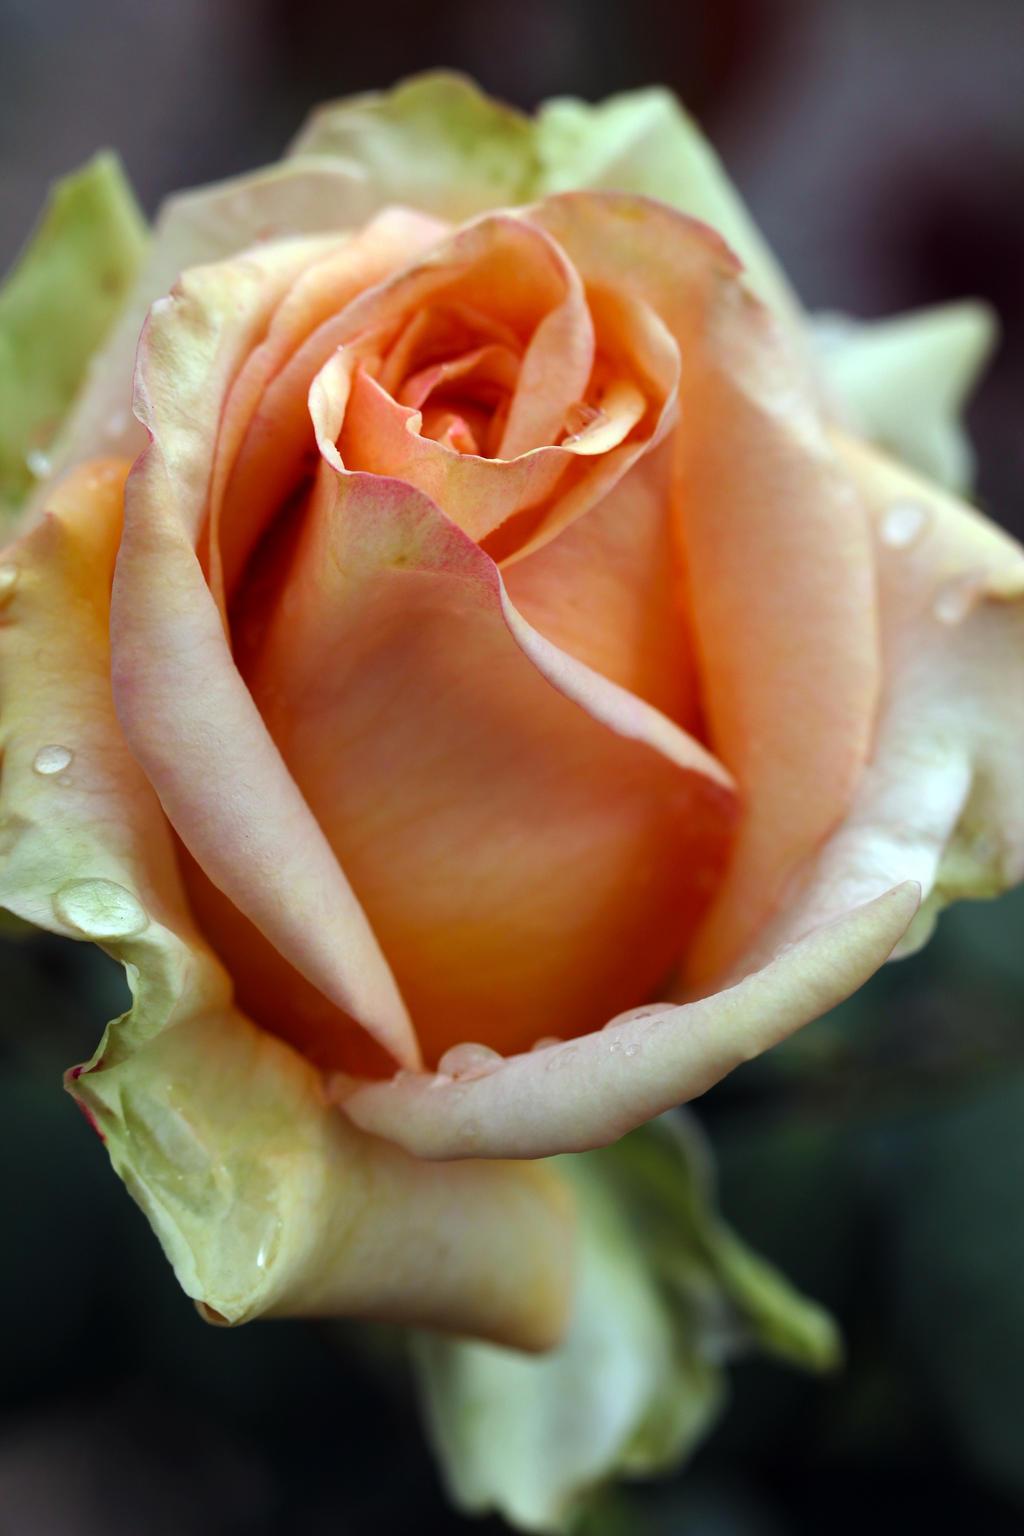 Lady Rose by Vividlight